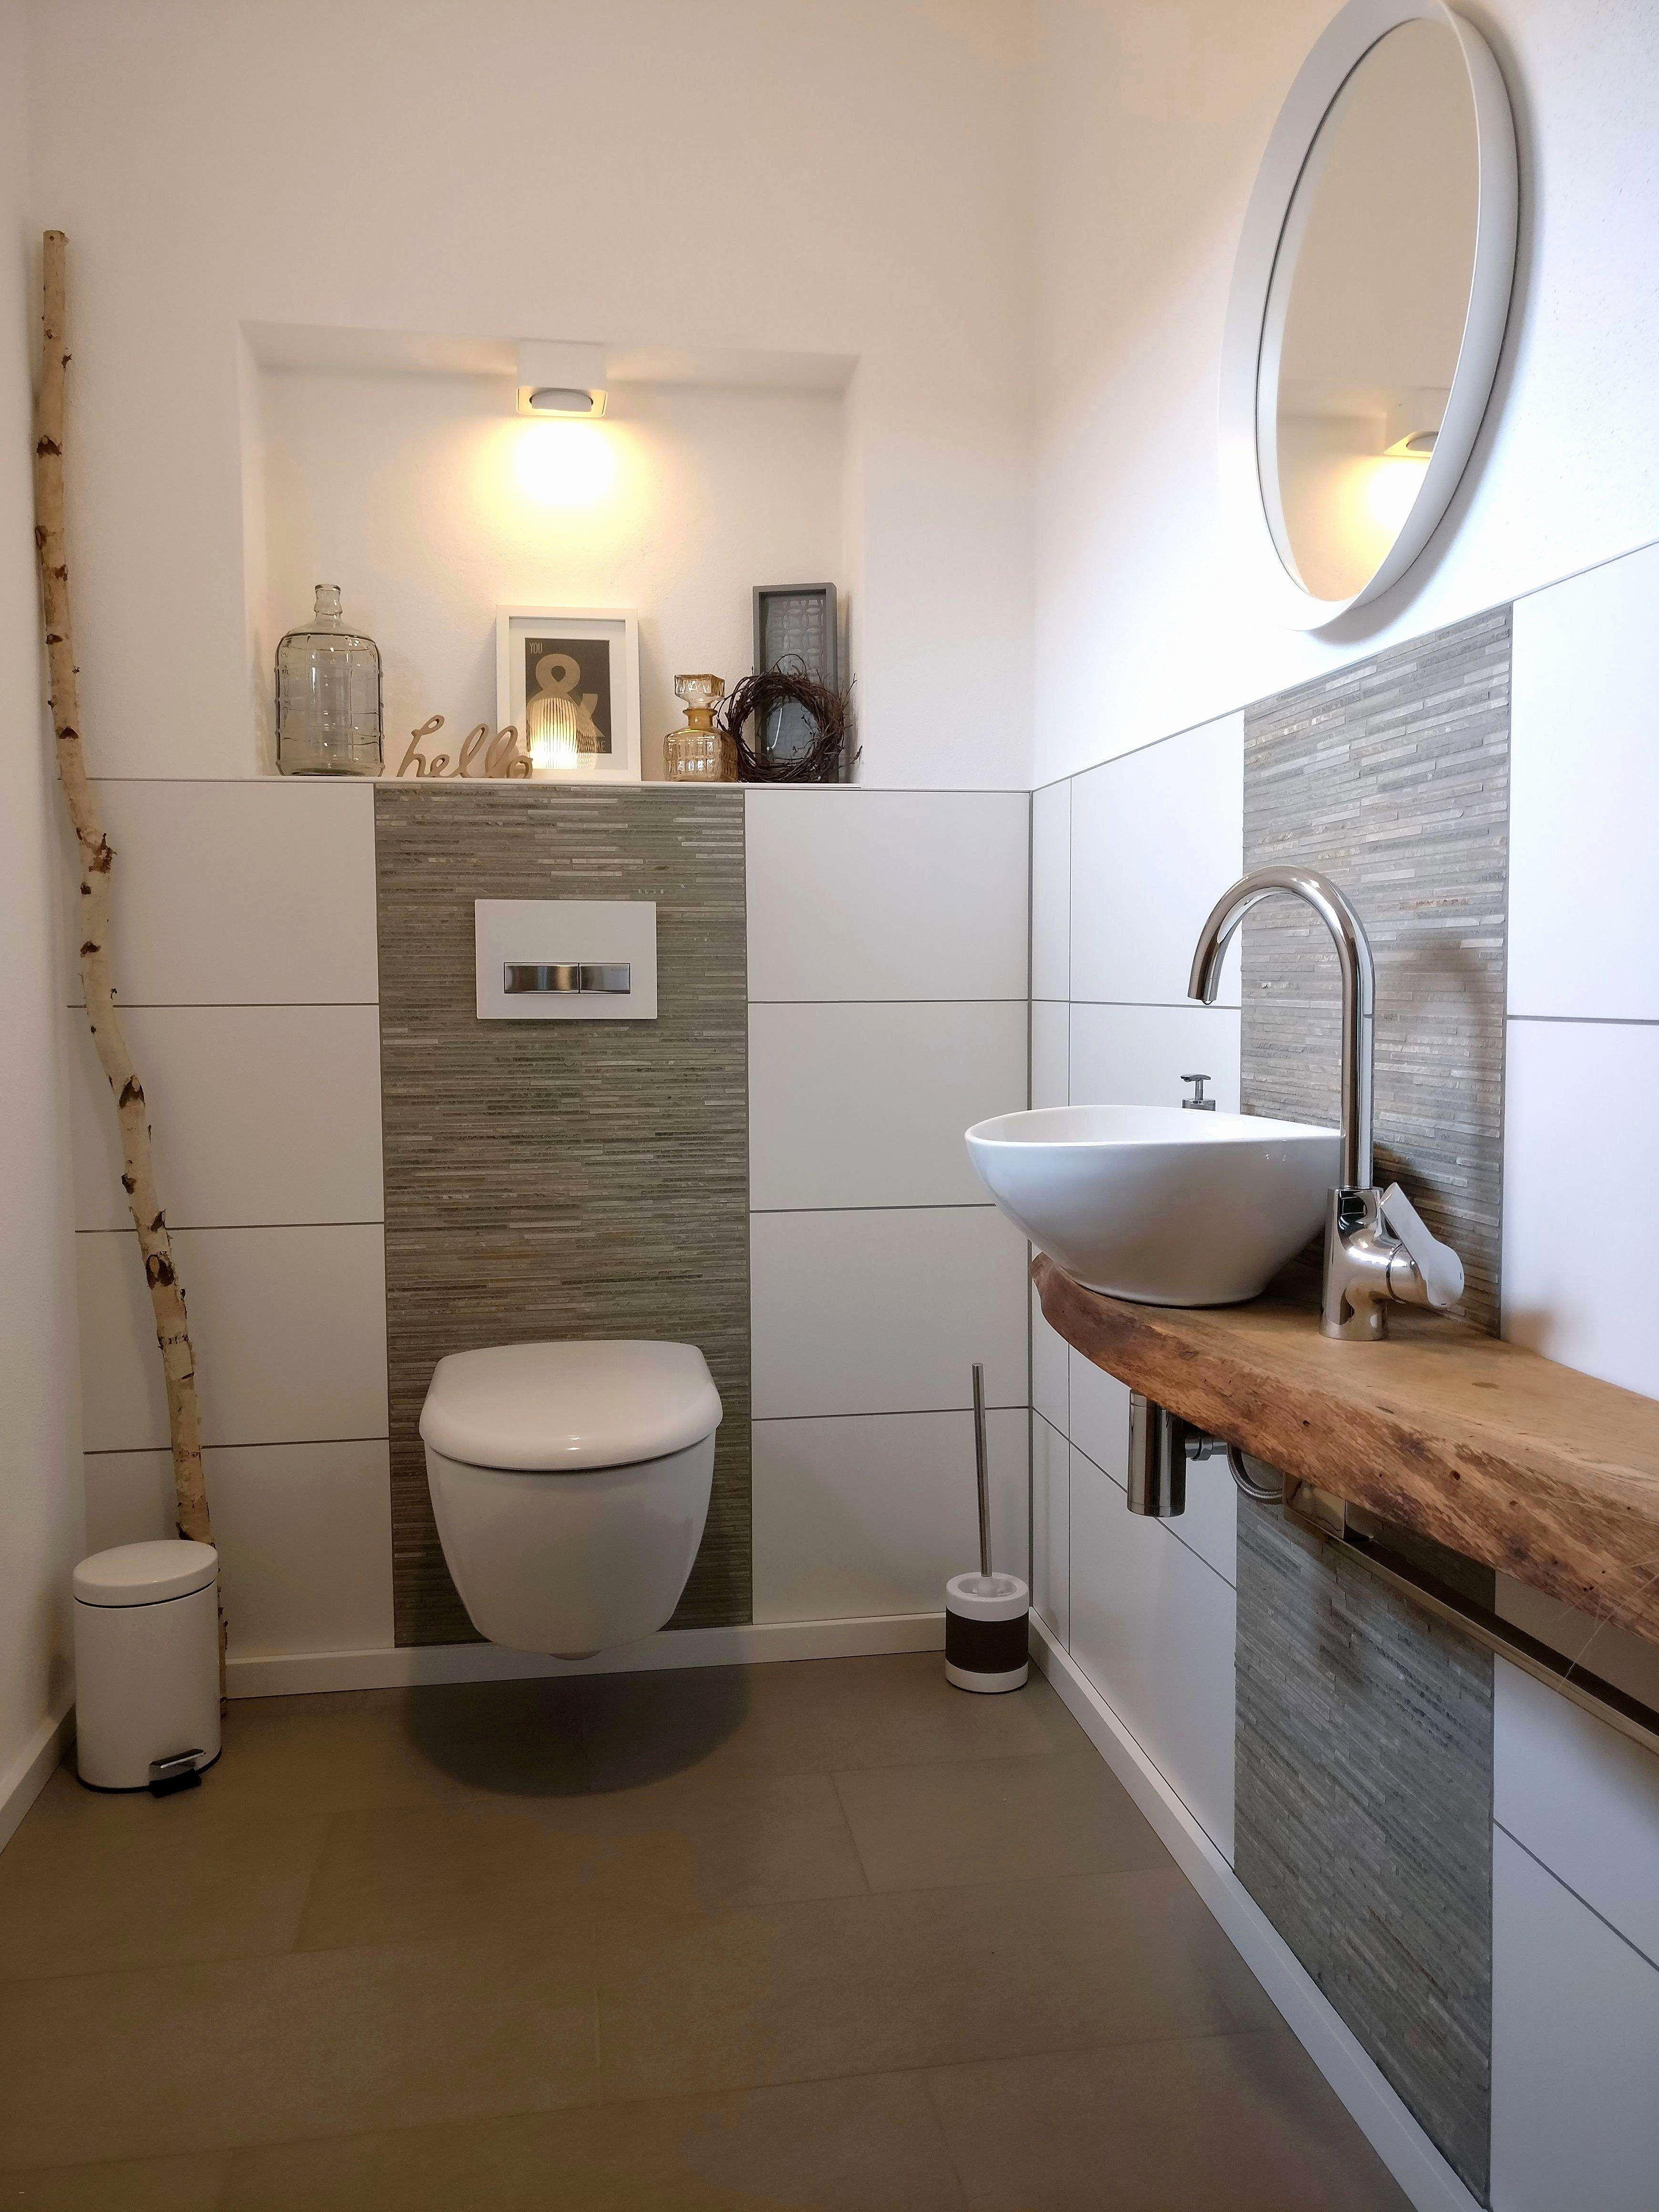 8 Badezimmer Dusche Ideen Genial Sichtschutz Dusche Grafik ...